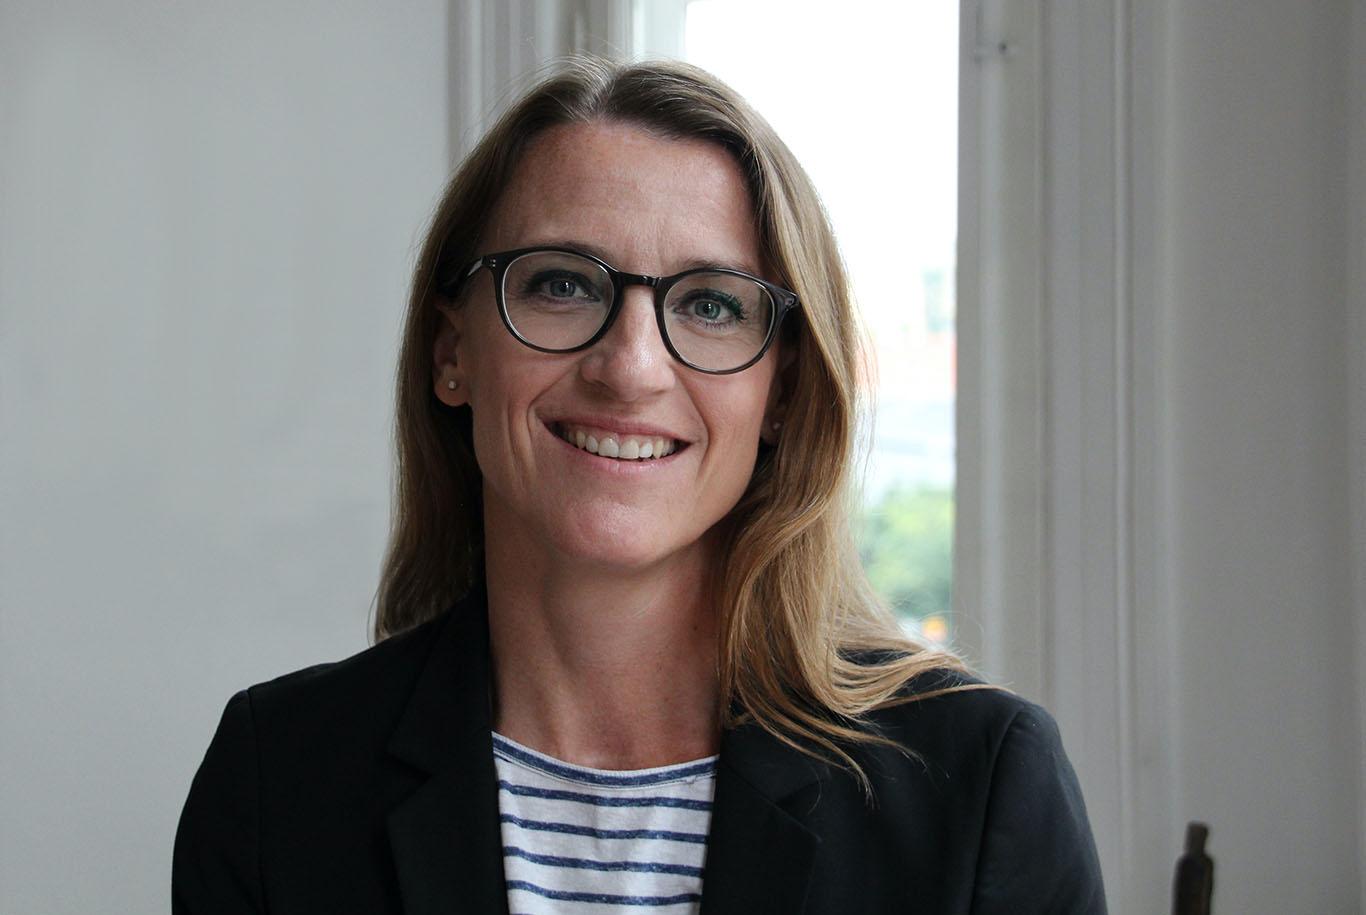 Josephine Piplits står bag Tripdoodler.com, der vil samle brugerbaseret viden om bæredygtige rejser verden over. PR-foto.